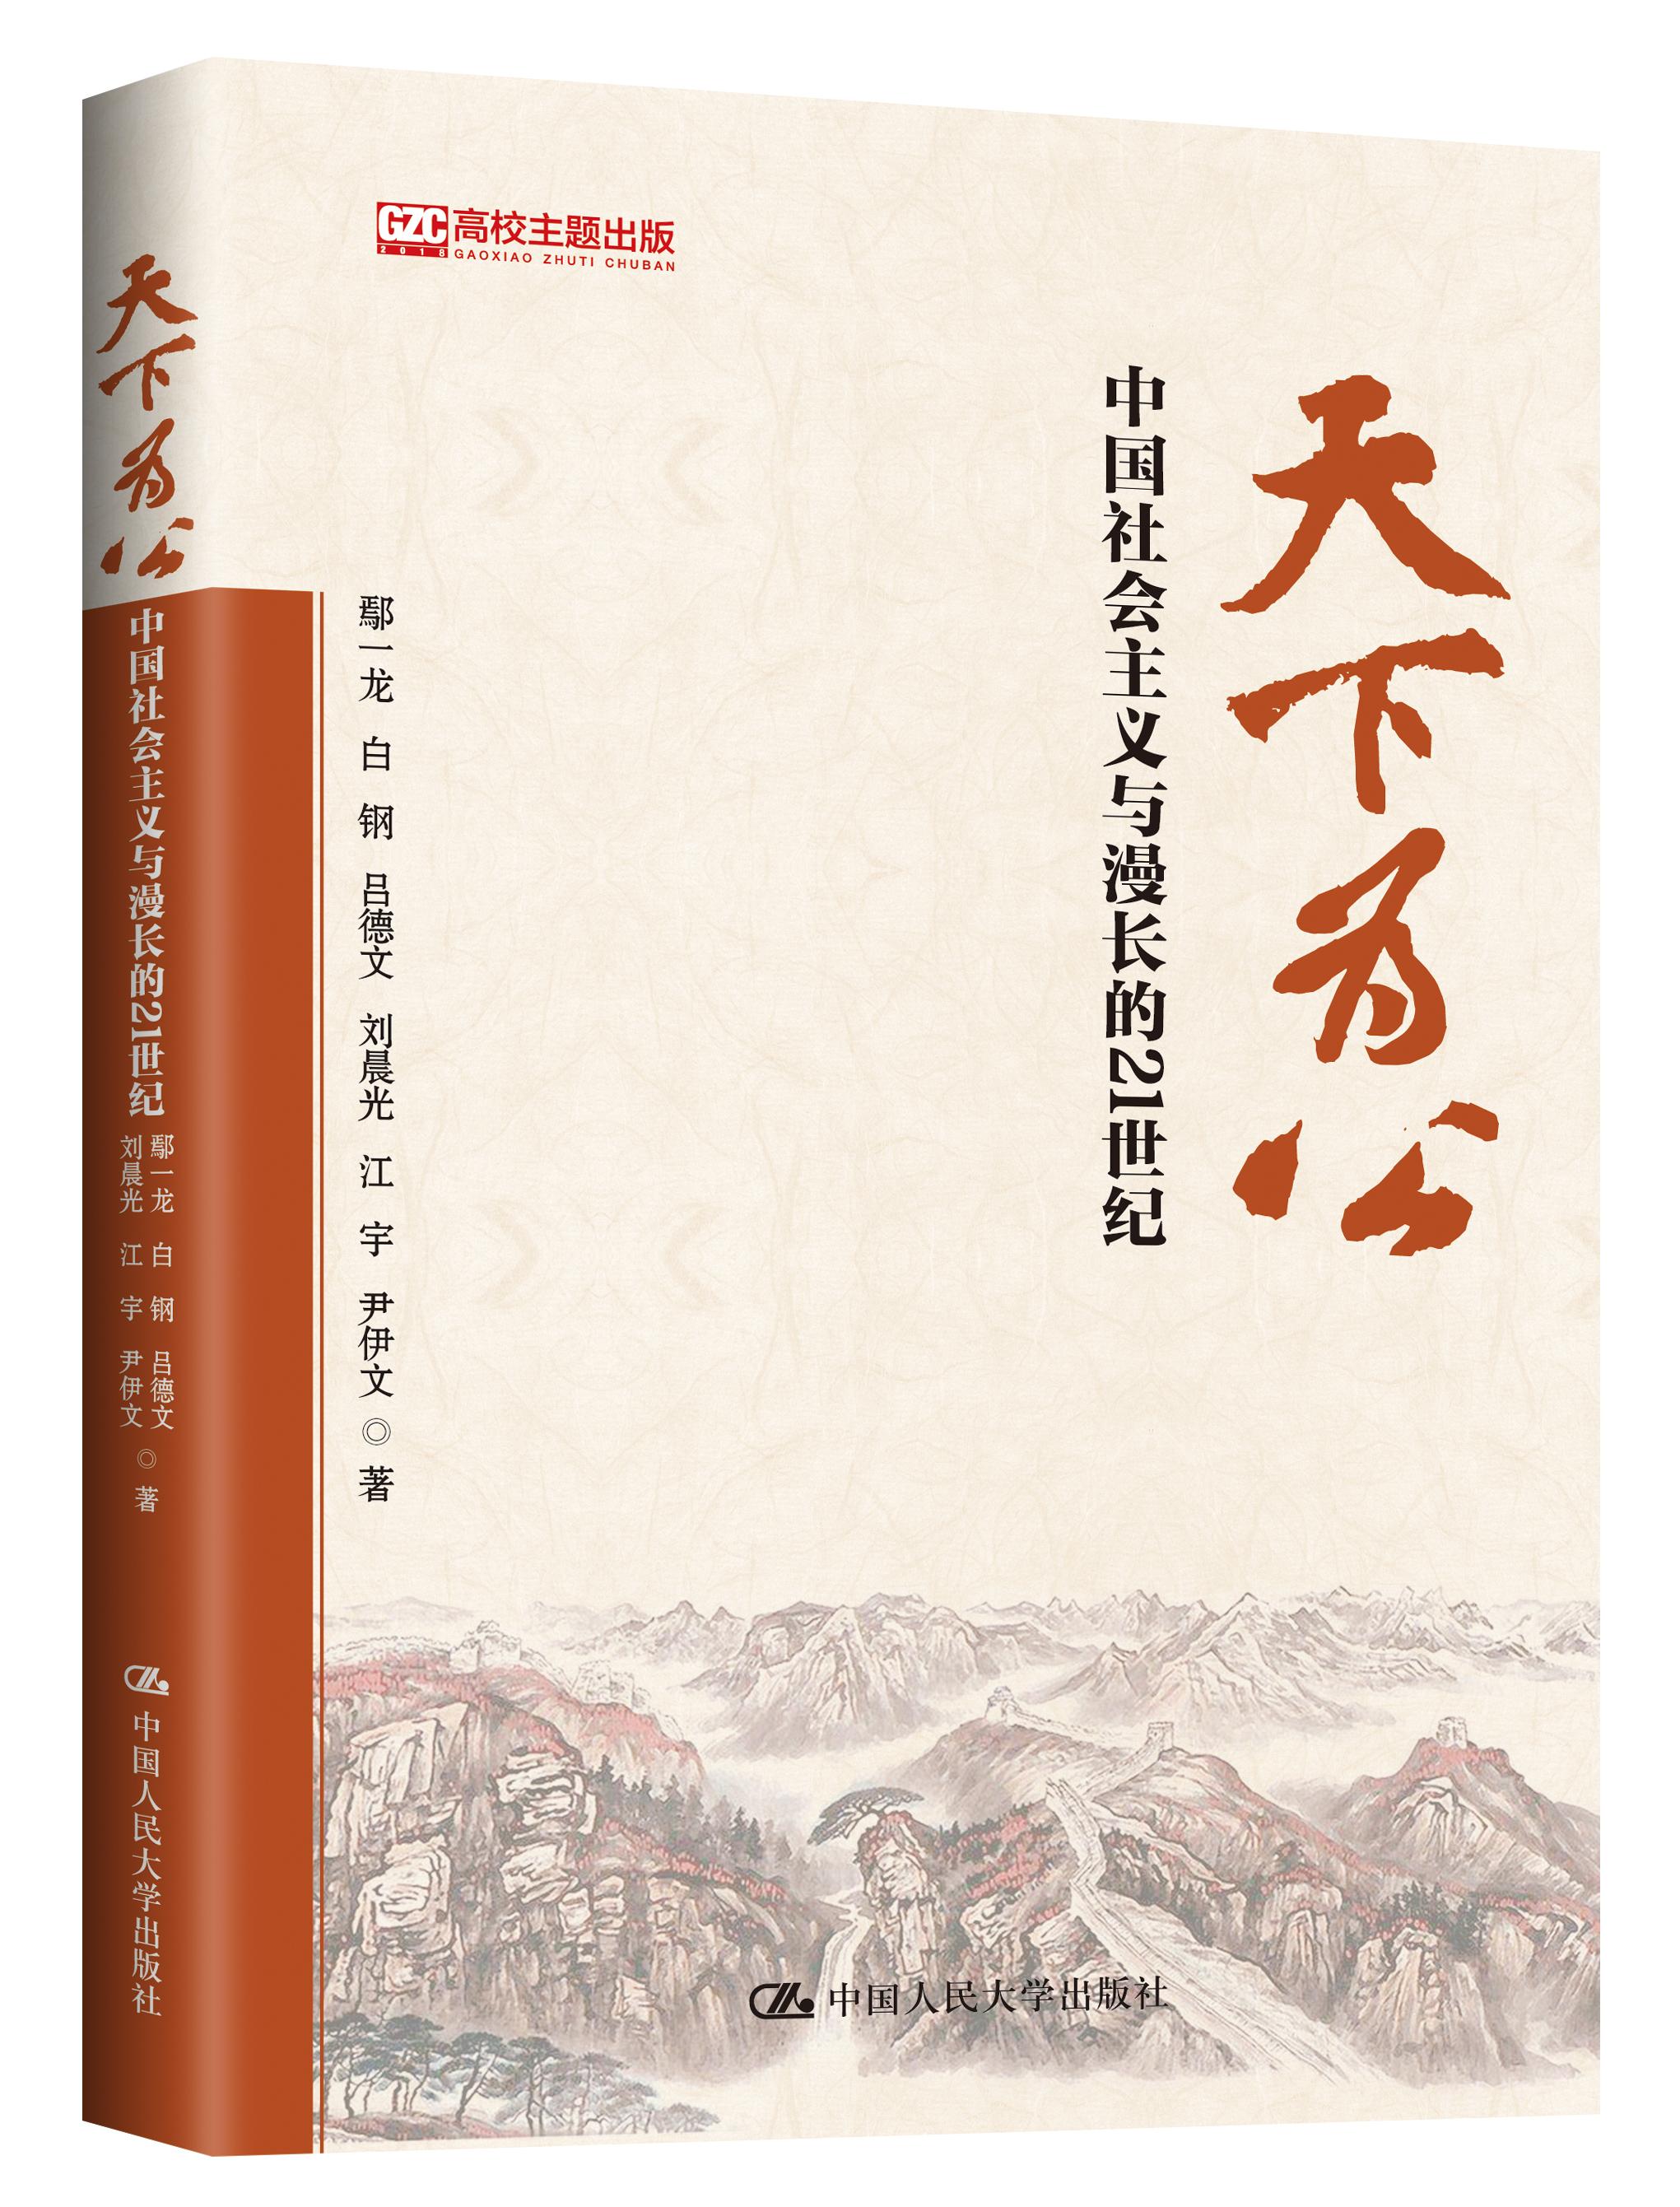 王海龙:改革方向与民心向背